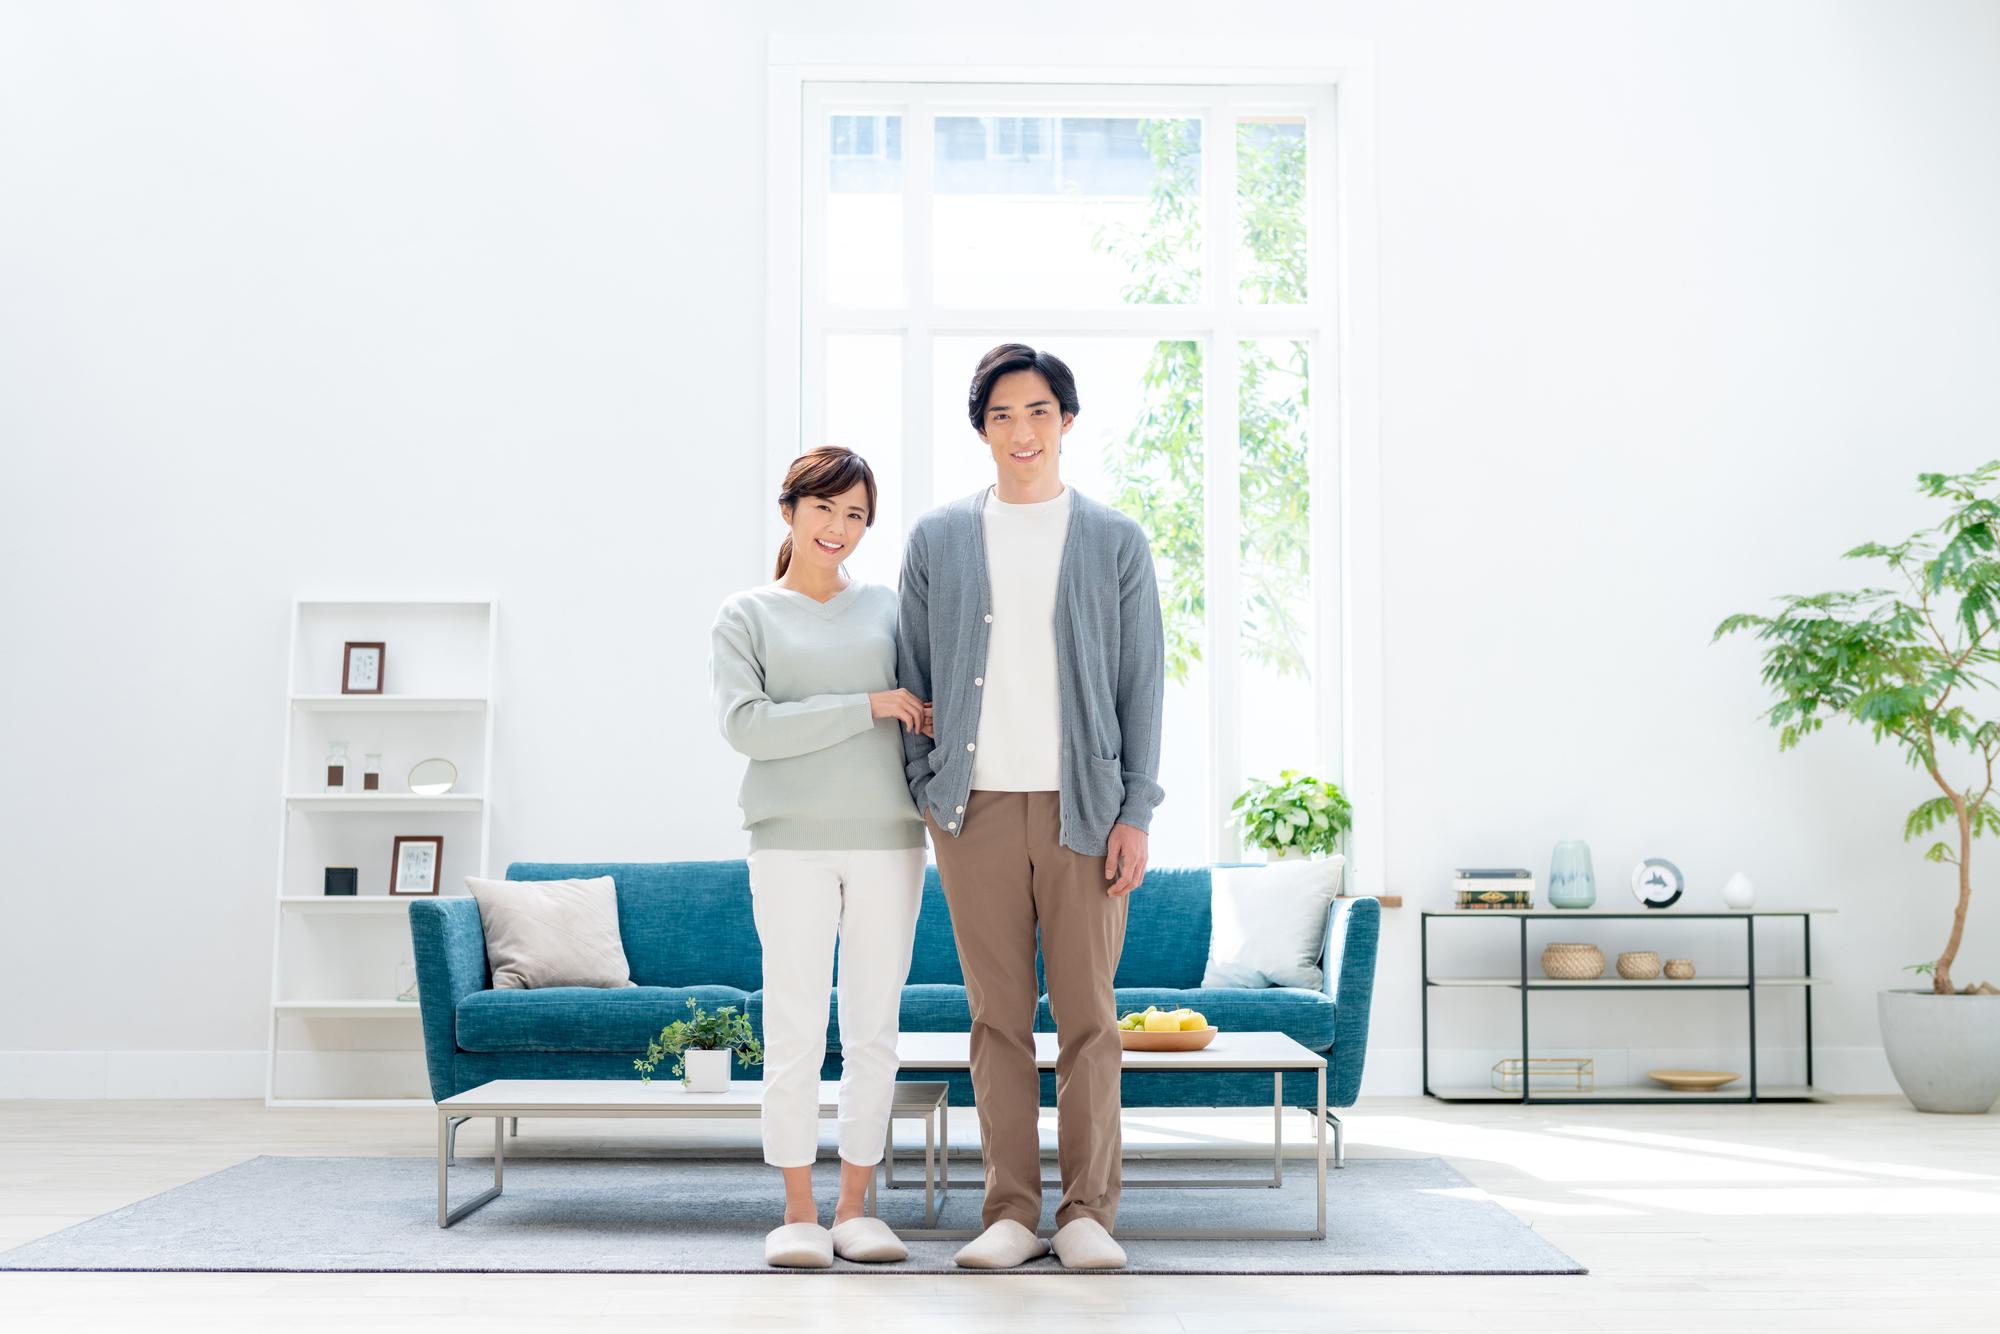 同棲カップルの家賃相場とは?二人の負担割合はどれくらい?